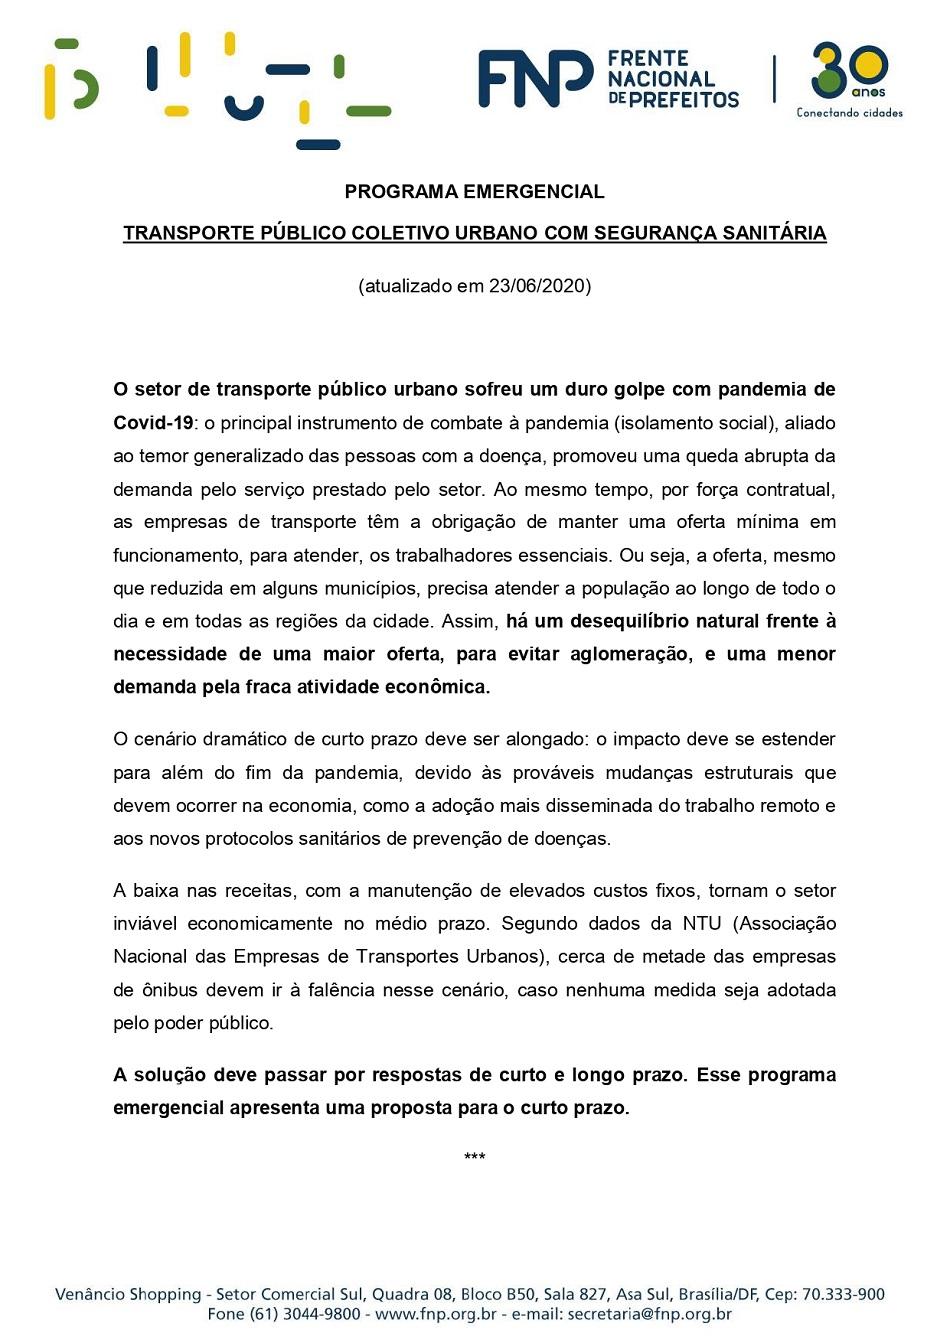 SEGURANÇA SANITÁRIA NO TRANSPORTE PÚBLICO COLETIVO URBANO - 23.06.20_page-0001